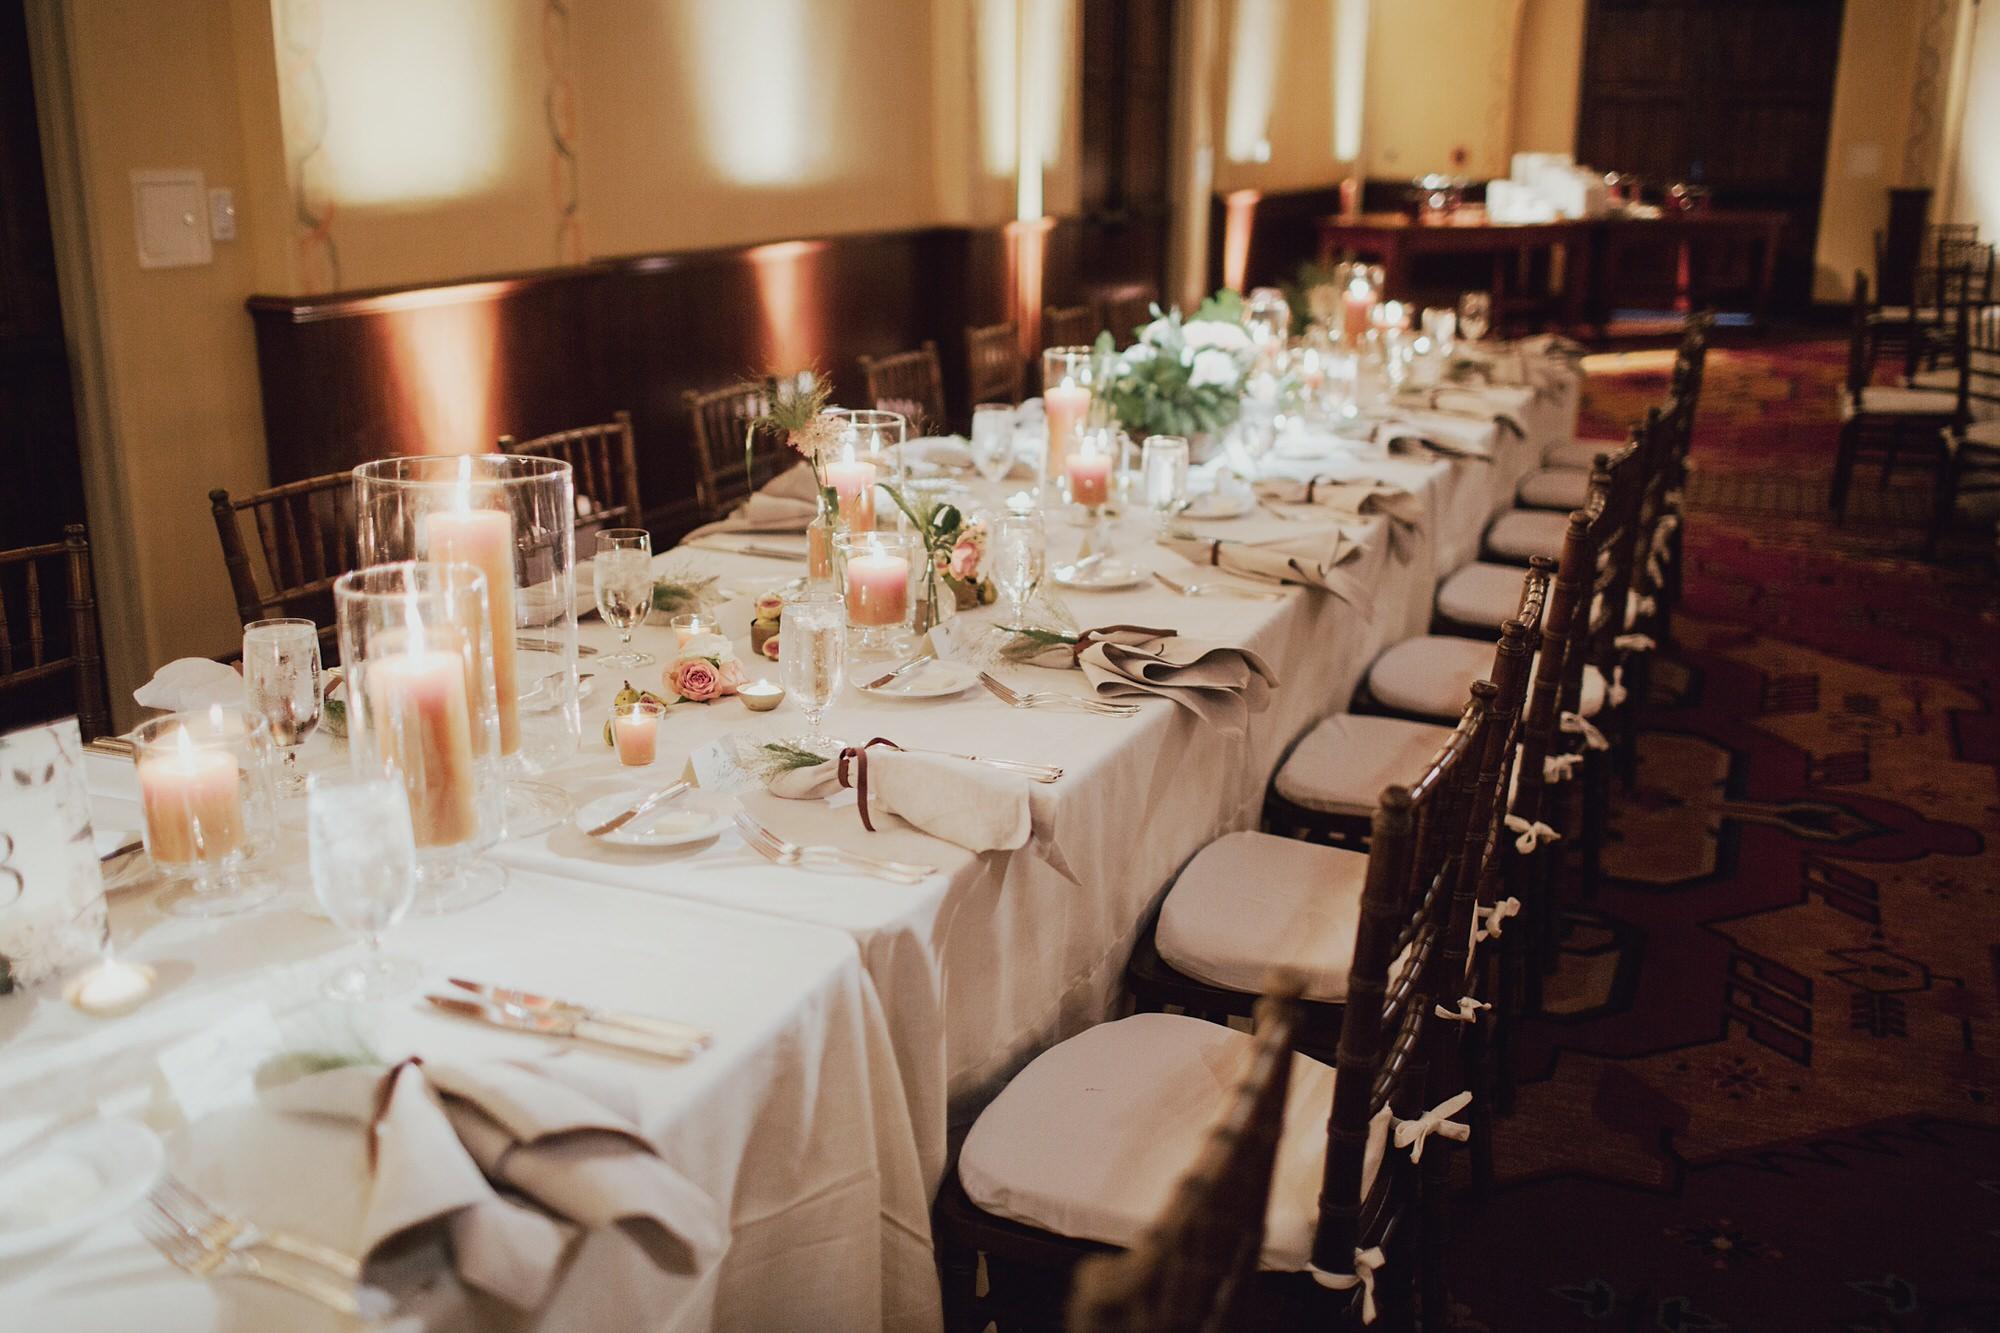 Ojai Valley Inn Wedding Reception